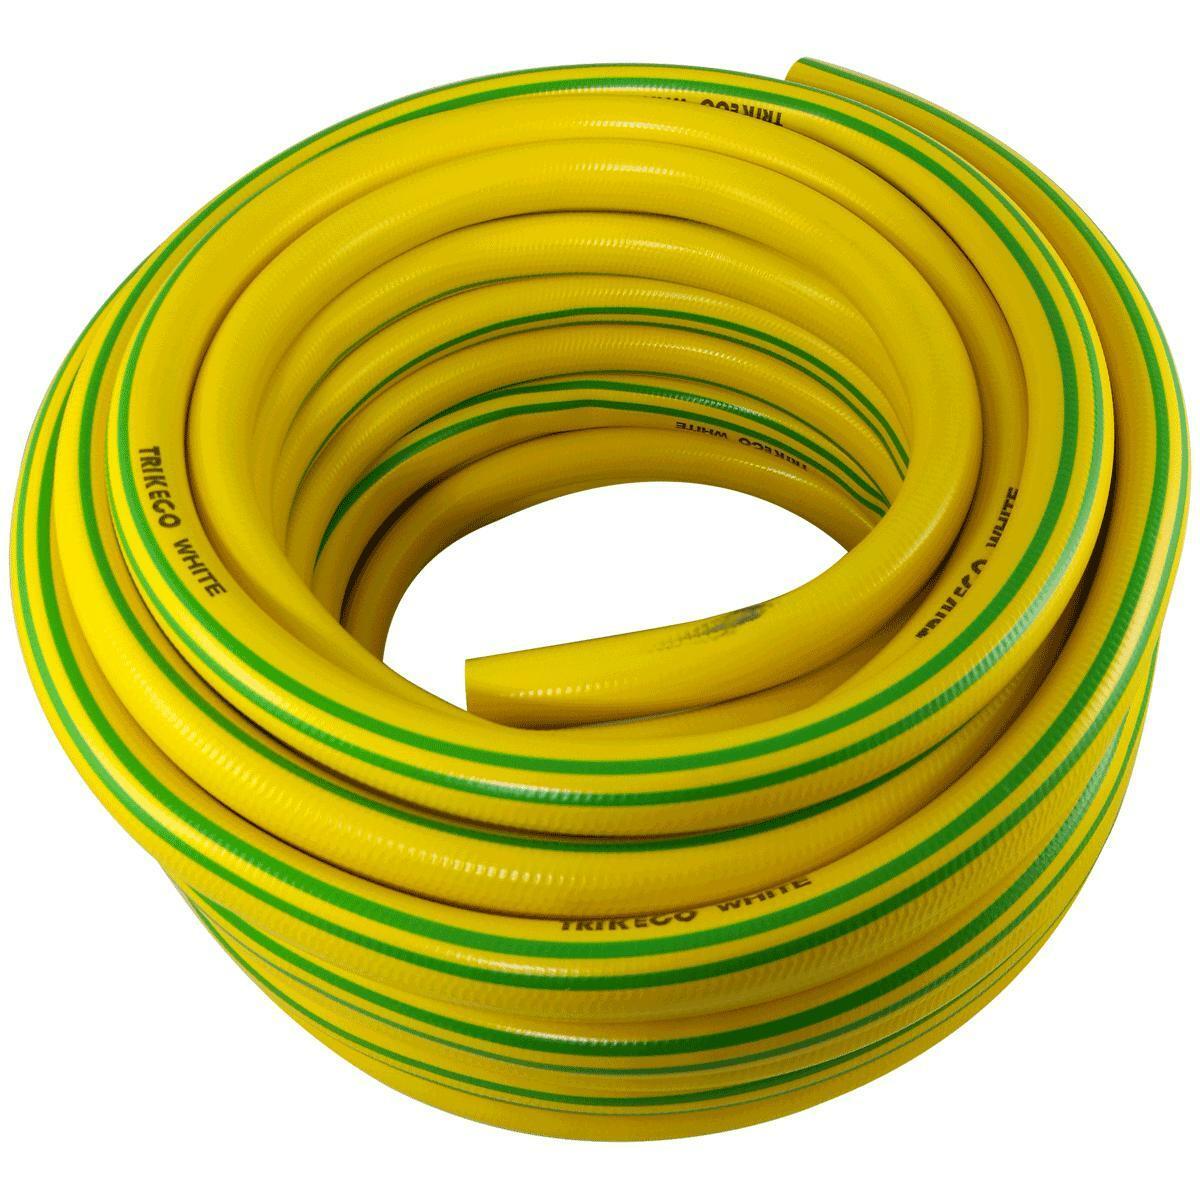 trikeco tubo da giardino magliato 25m trikeco white 3/4 19mm